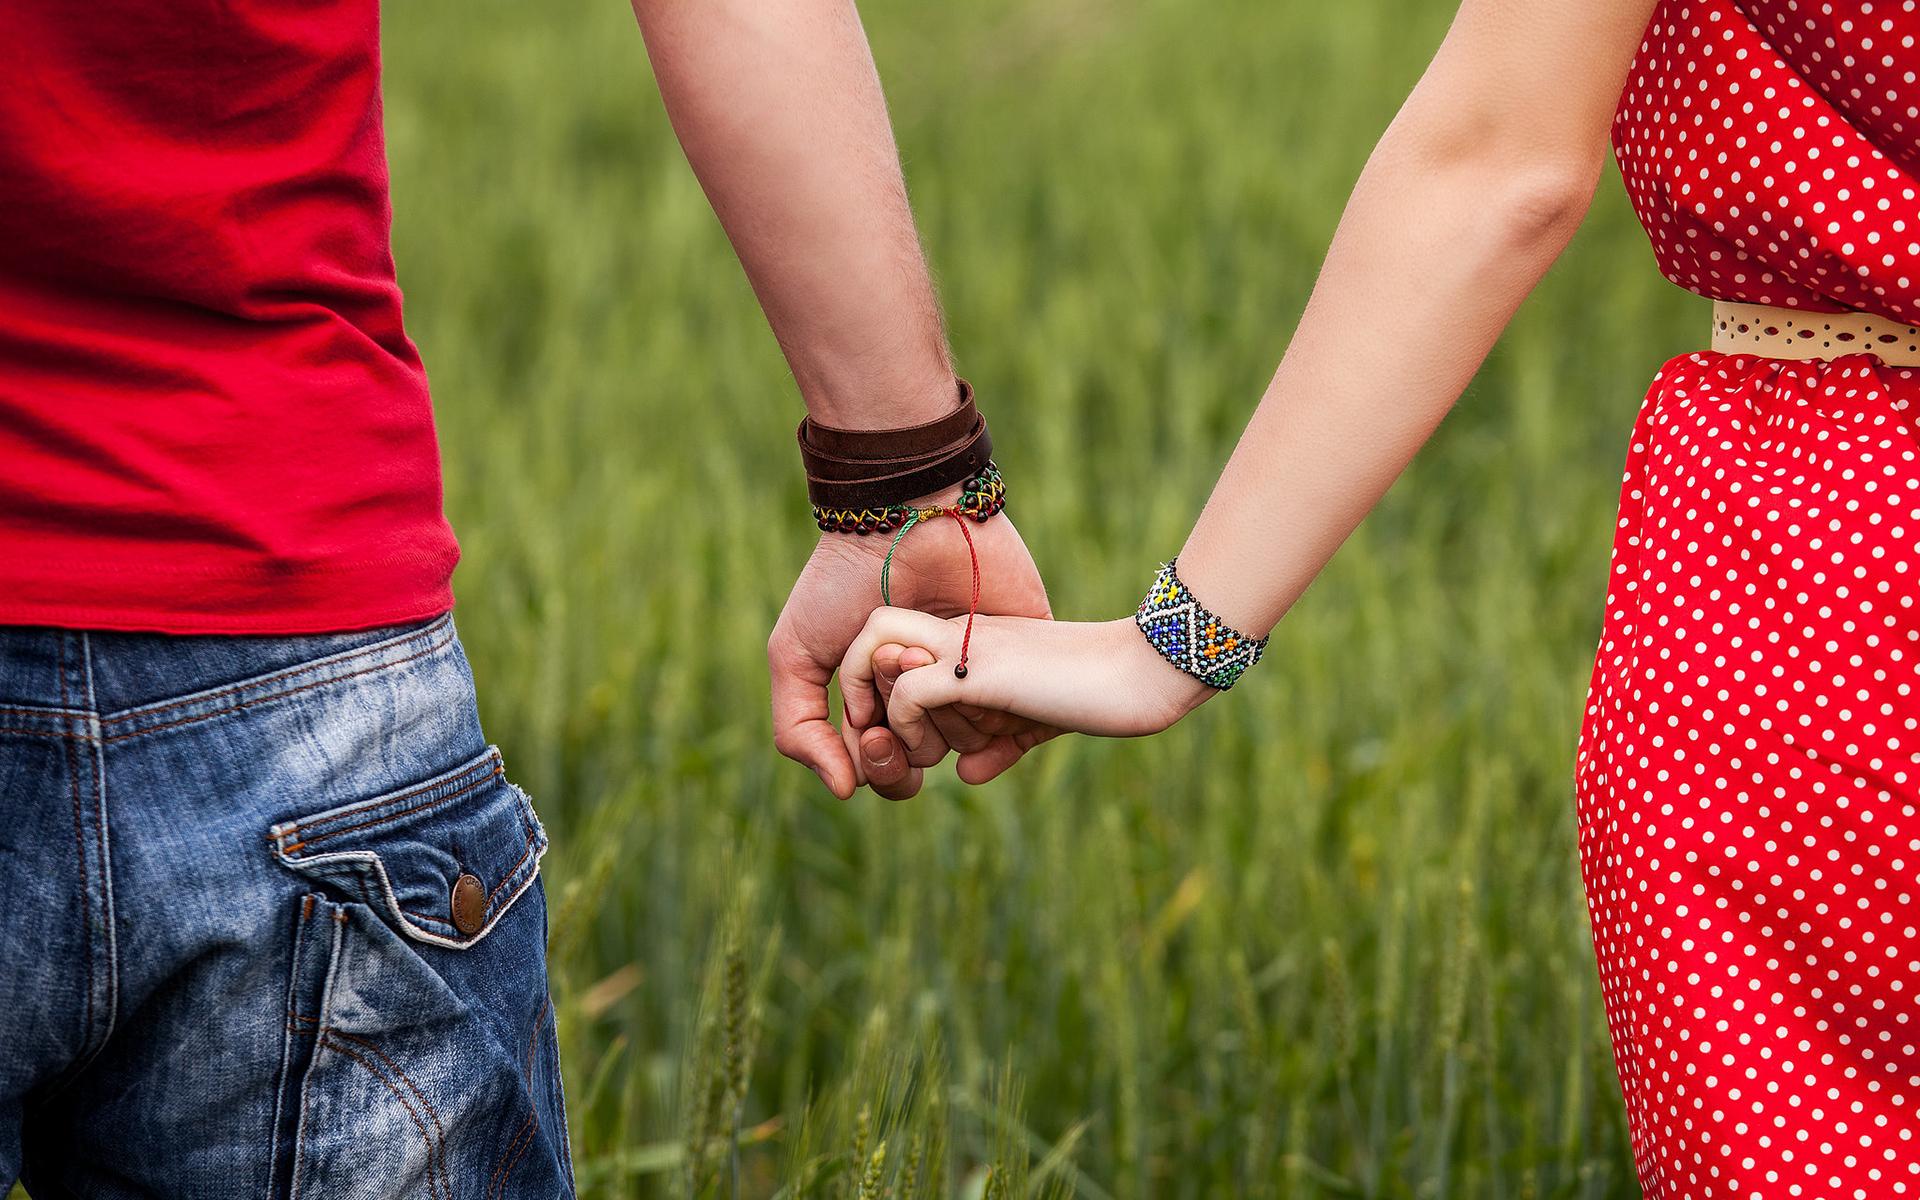 Фото как мужчина держит девушку за руку